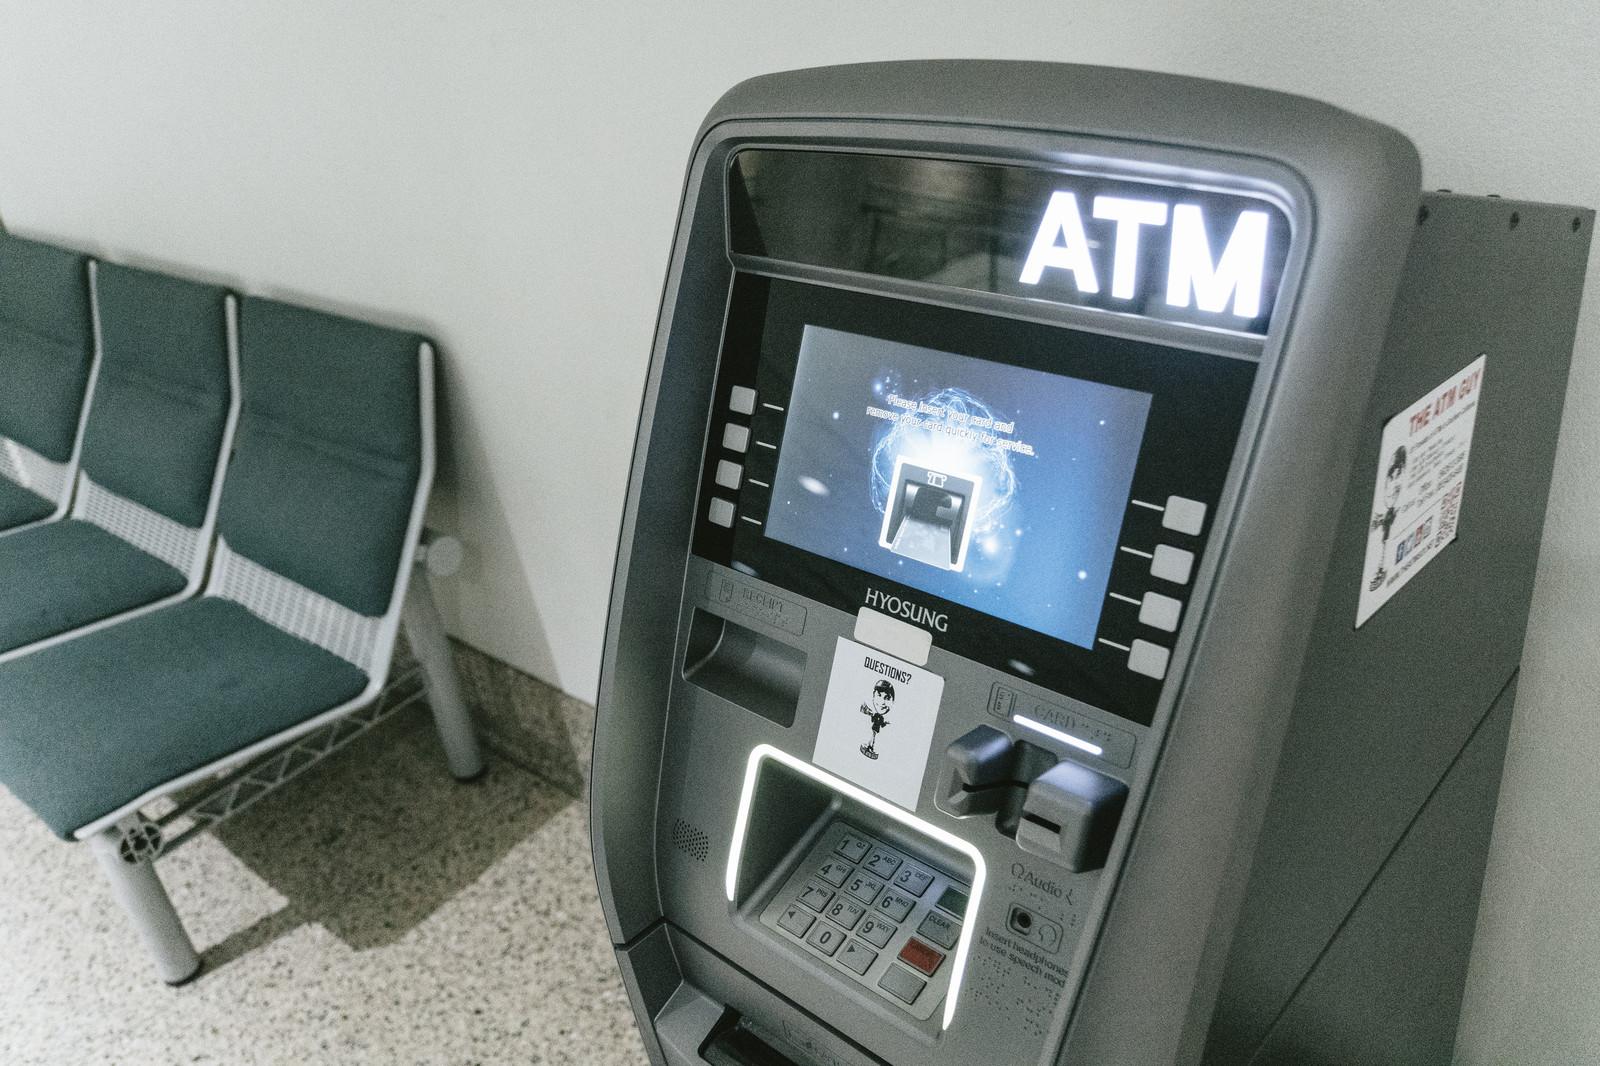 Atm 静 清 信用 金庫 ATM手数料・お取扱い時間のご案内(当金庫ATMをご利用のお客さま)